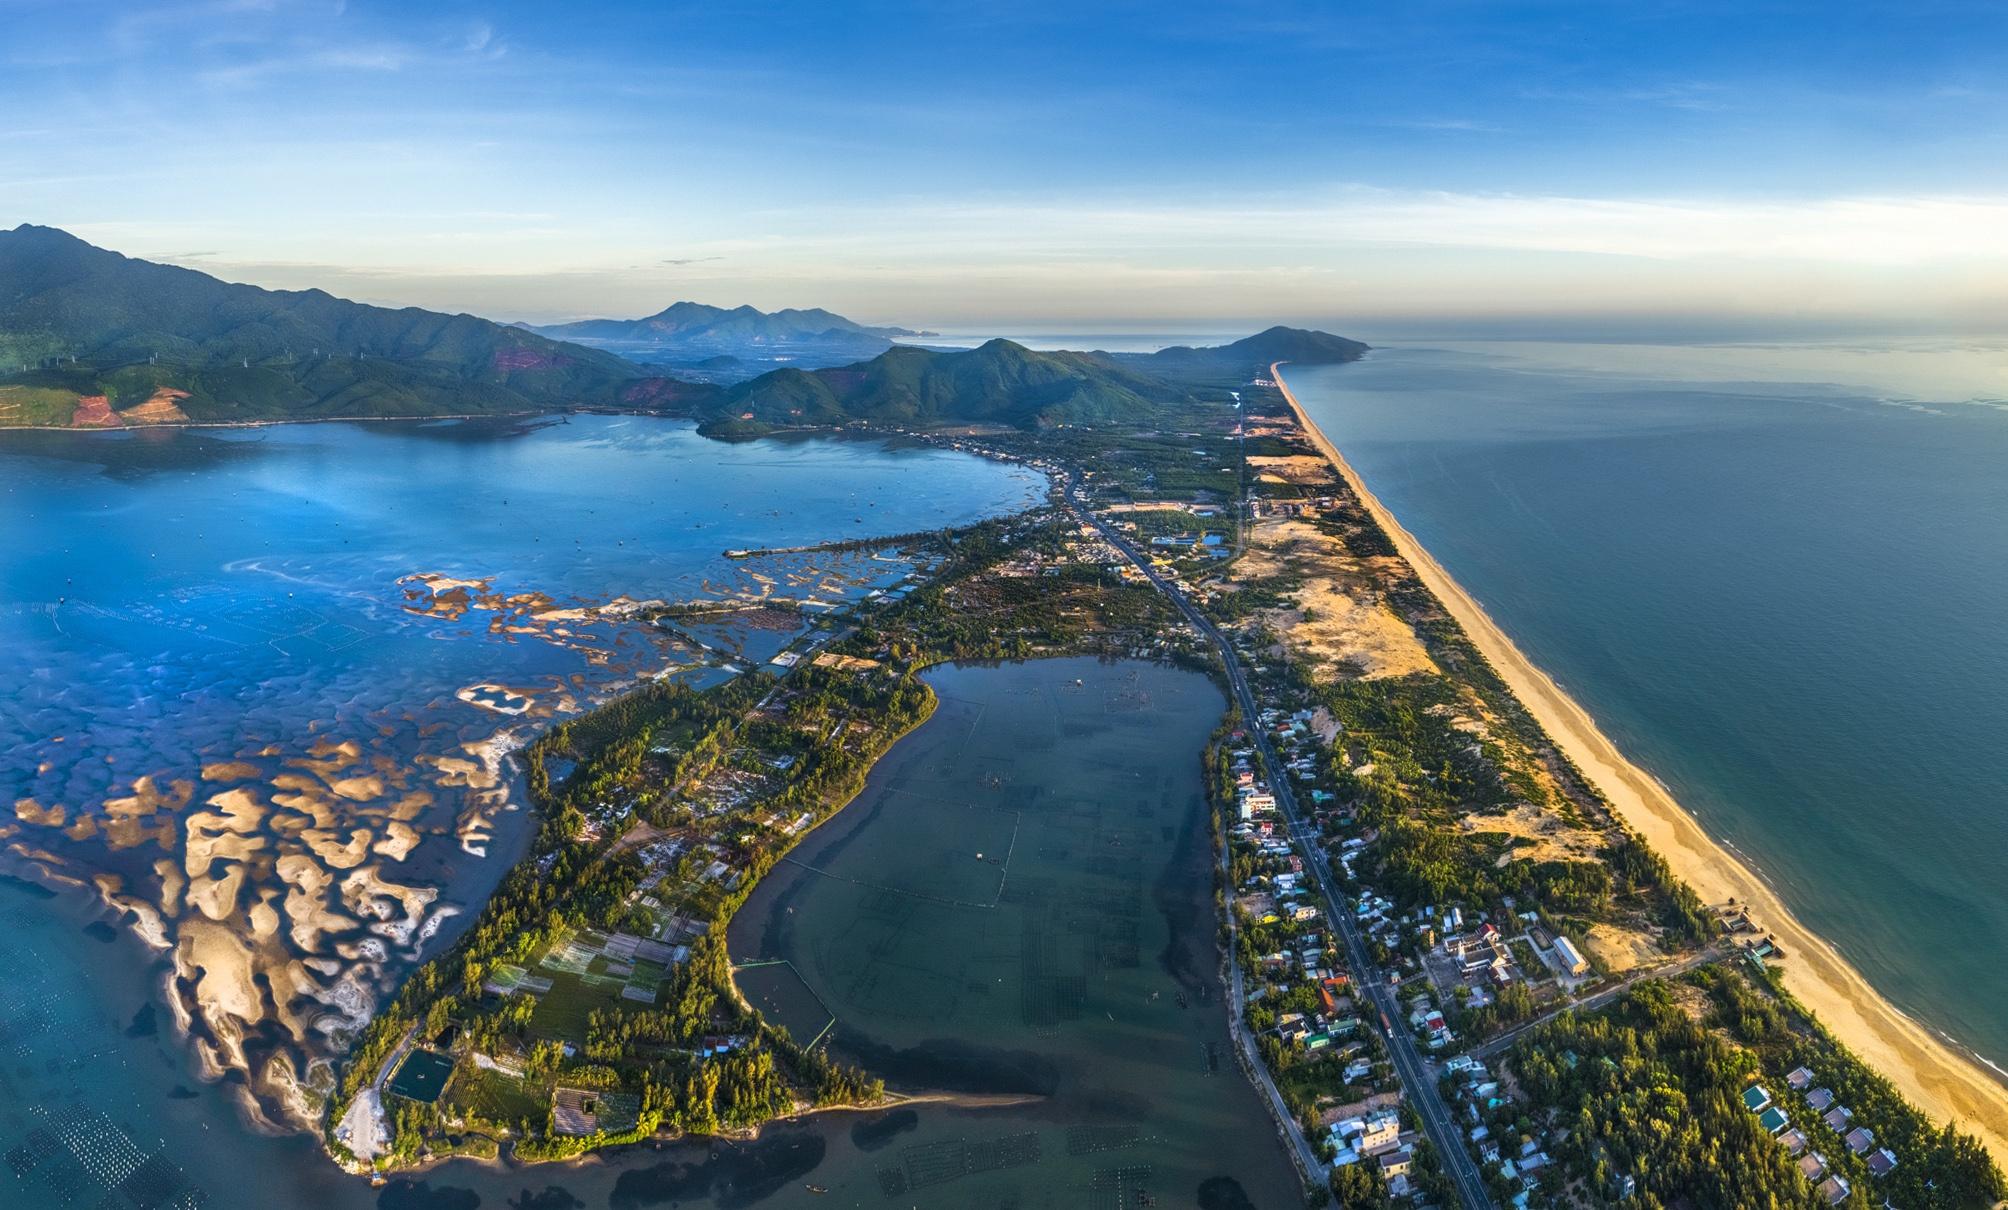 - 00900101hdrpano_zing - Tỉnh thành nào ở Việt Nam giáp biển?